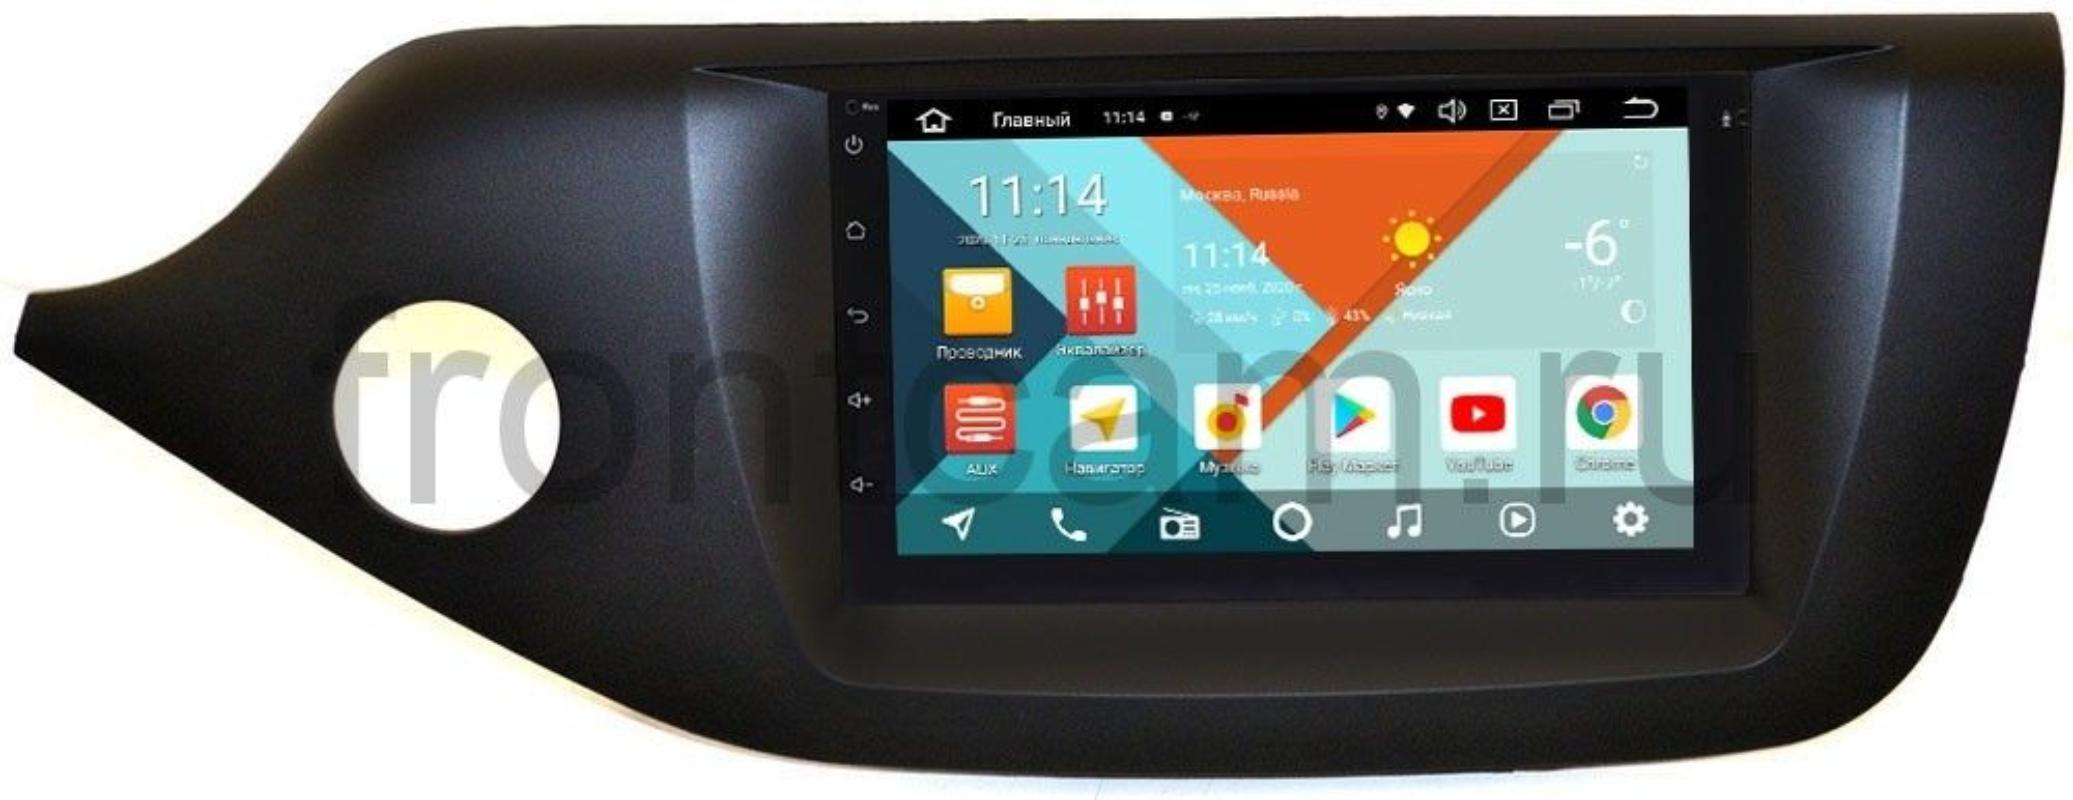 Штатная магнитола Wide Media KS7001QR-3/32-RP-KICEF-50 для Kia Ceed II (матовая) на Android 10 (DSP CarPlay 4G-SIM) (+ Камера заднего вида в подарок!)